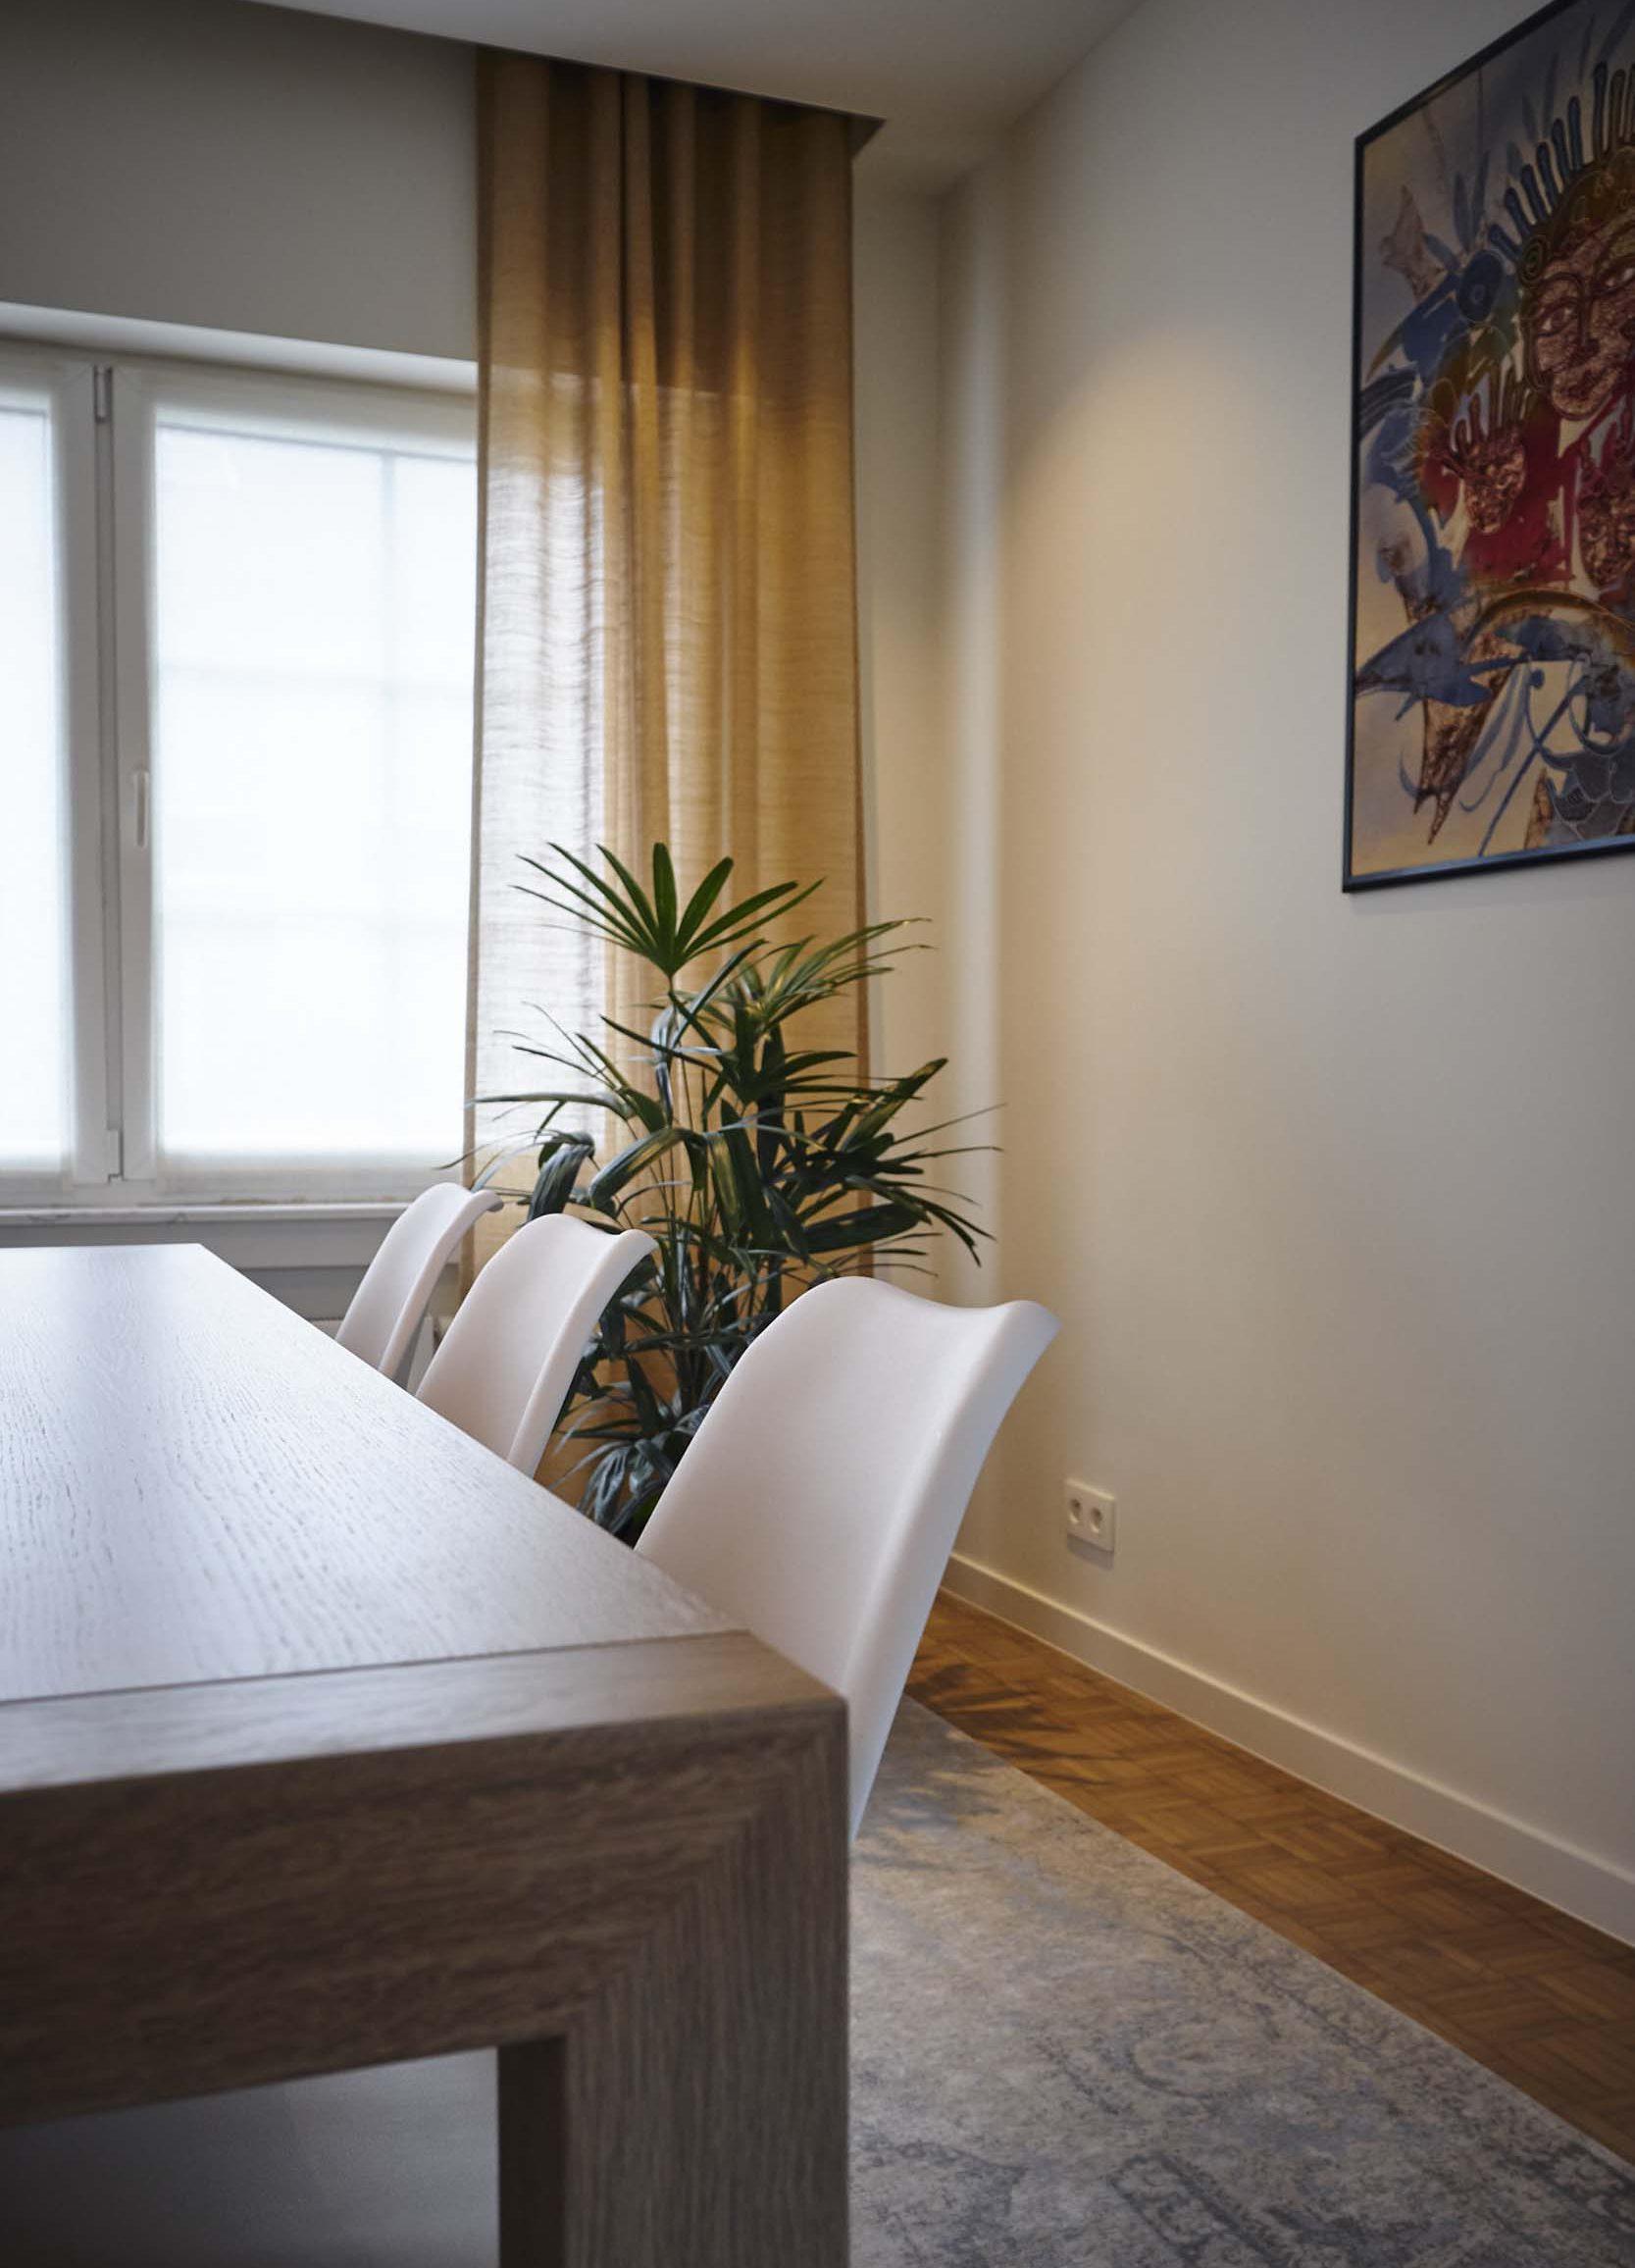 Vanda-projects-interieurinrichting-meubelmakerij-oost-vlaanderen-six-gent-plant